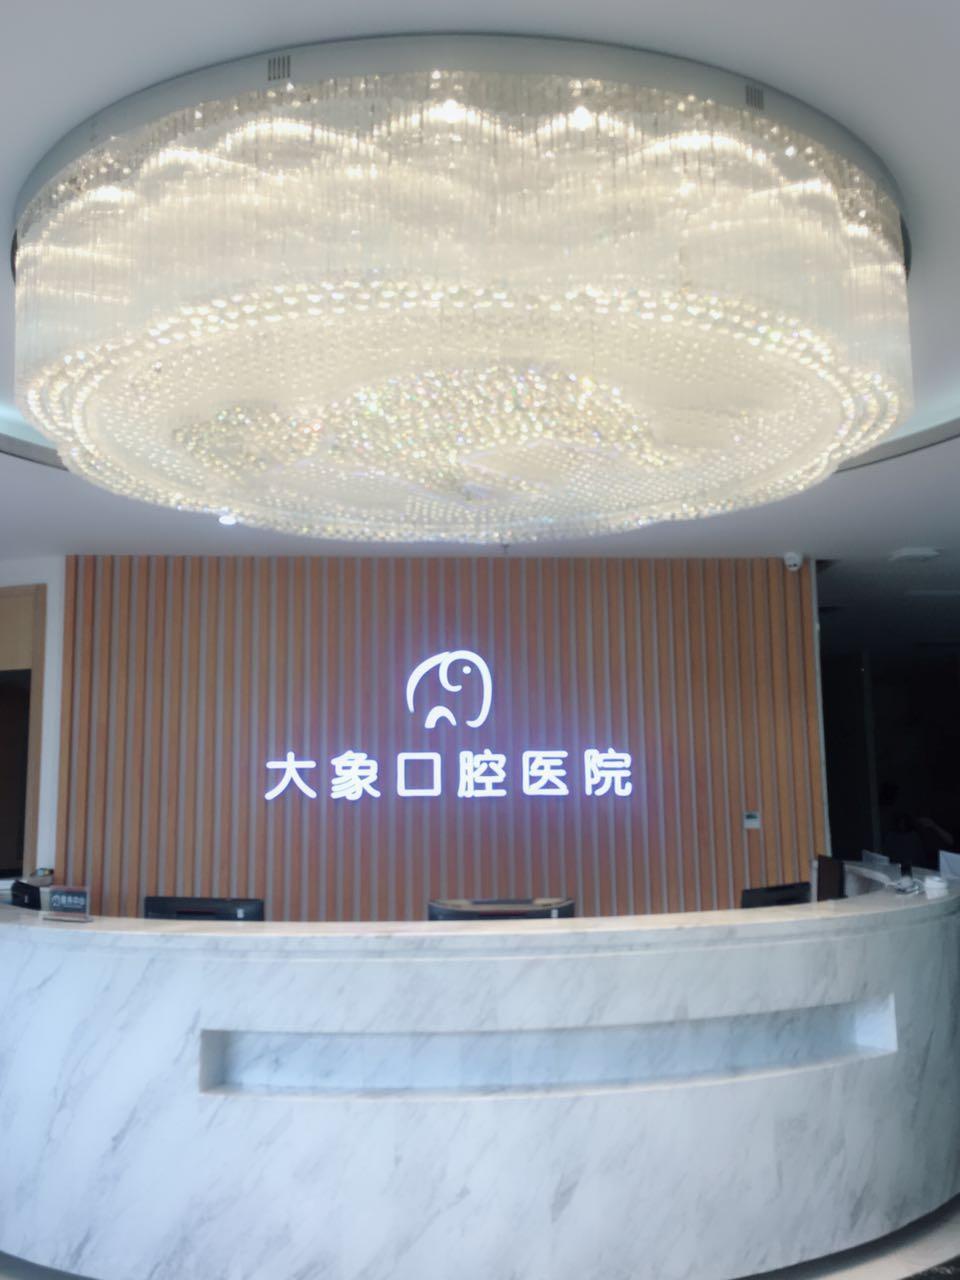 中山大象口腔医院有限公司_国际人才网_job001.cn